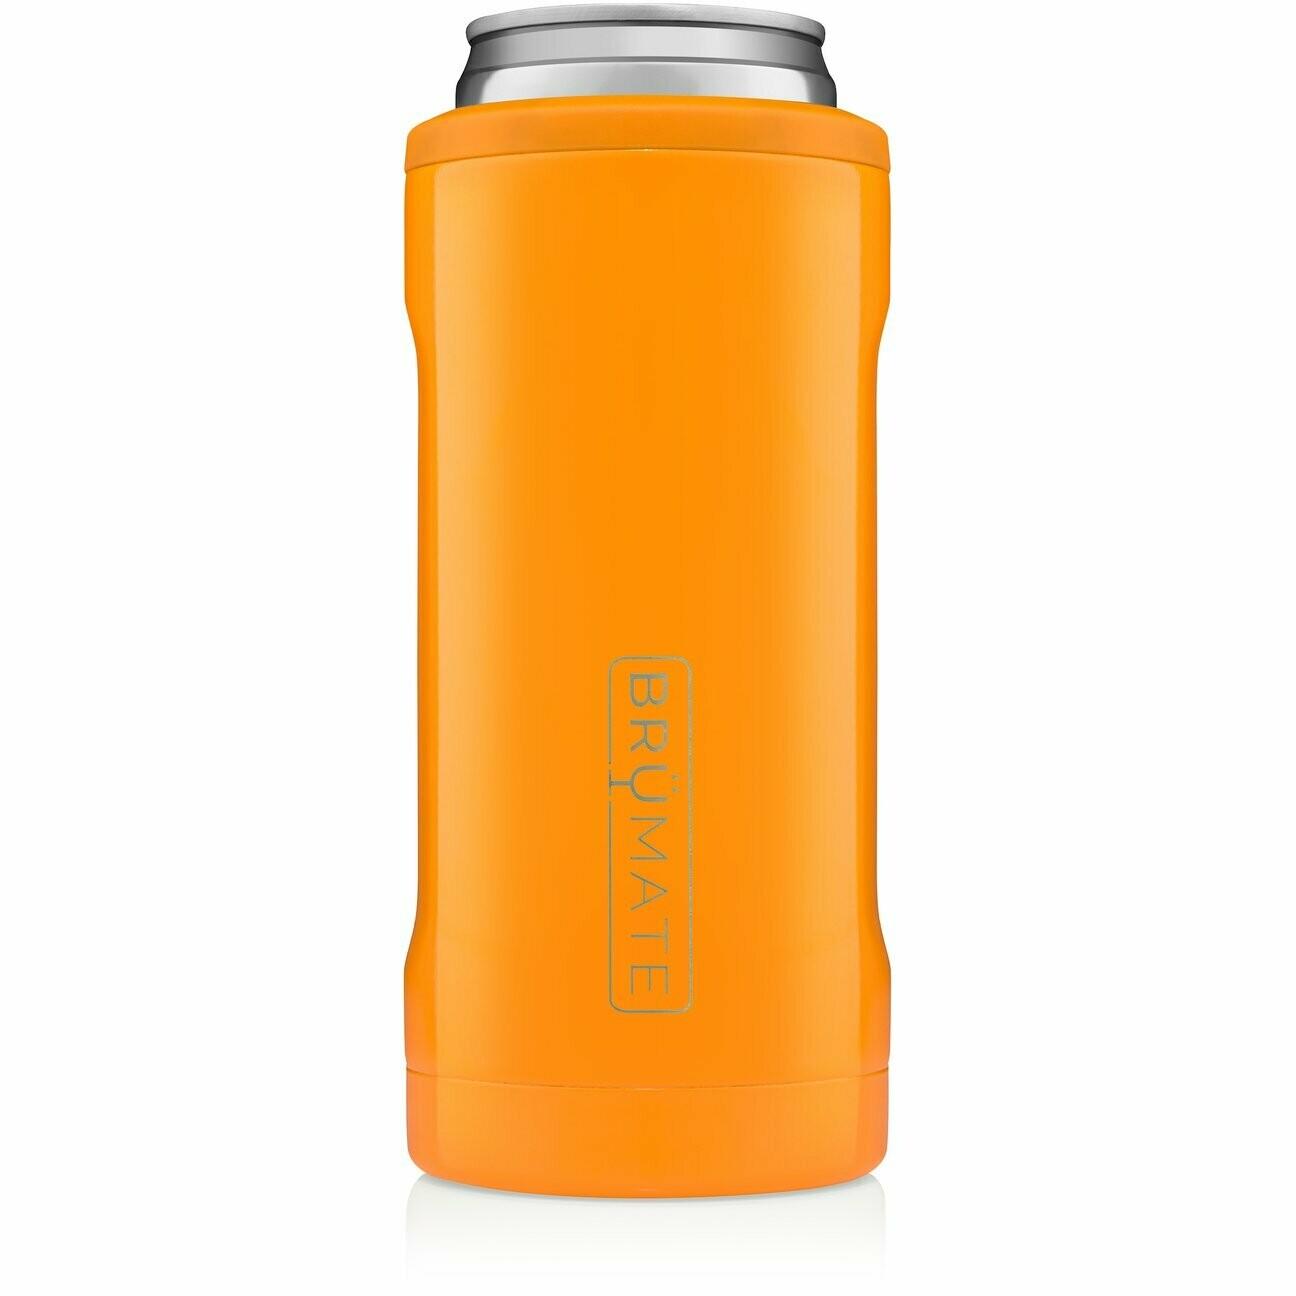 Hopsulator Slim Orange